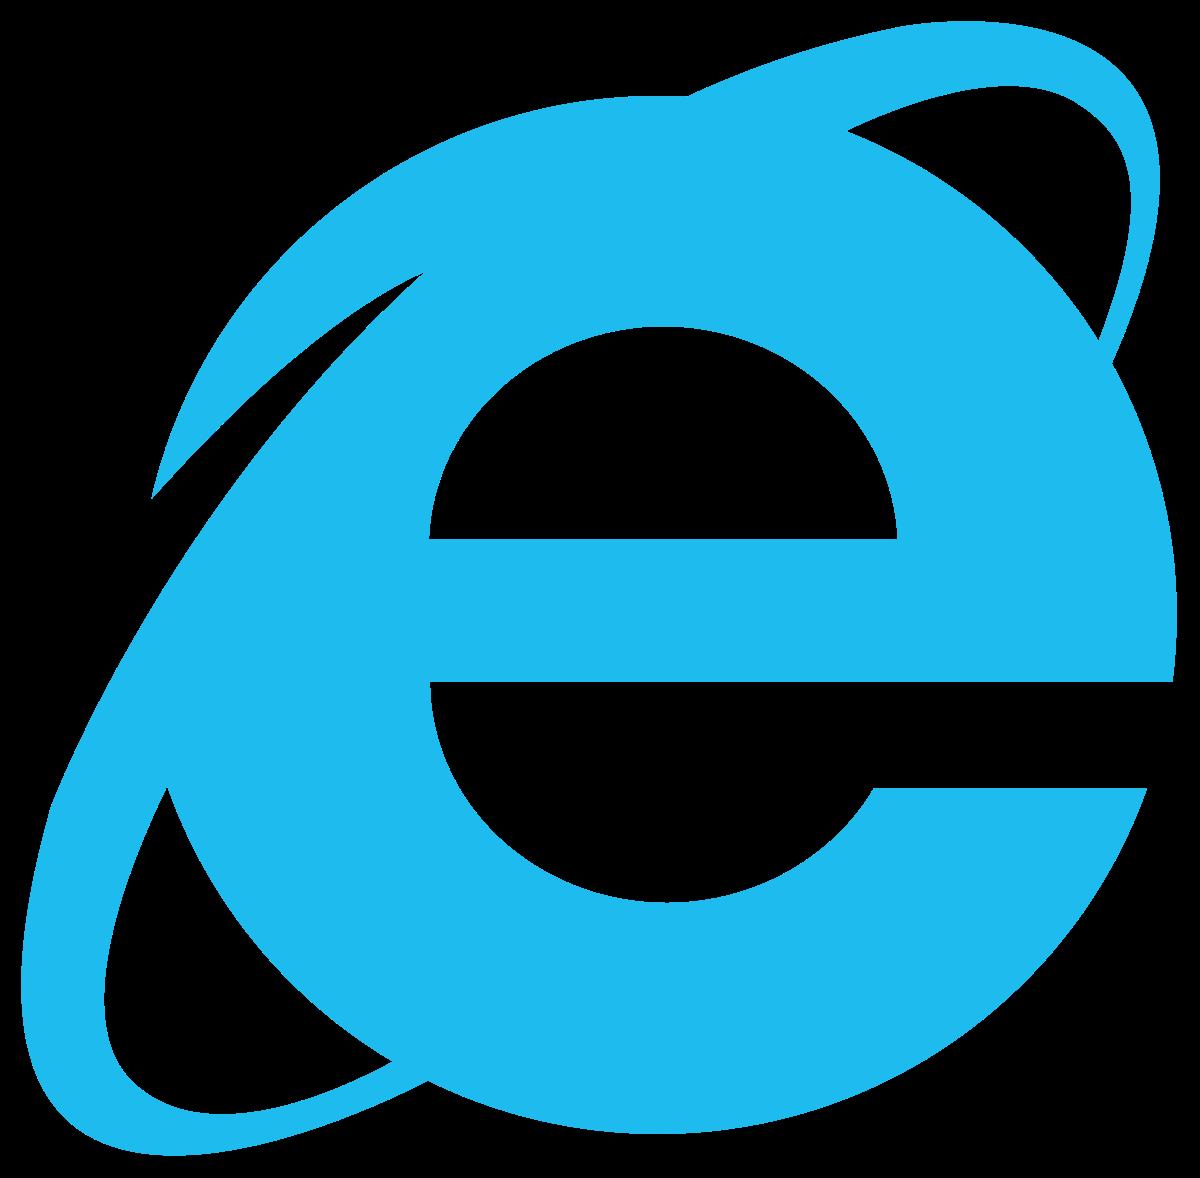 Internet Explorer логотип Браузеры